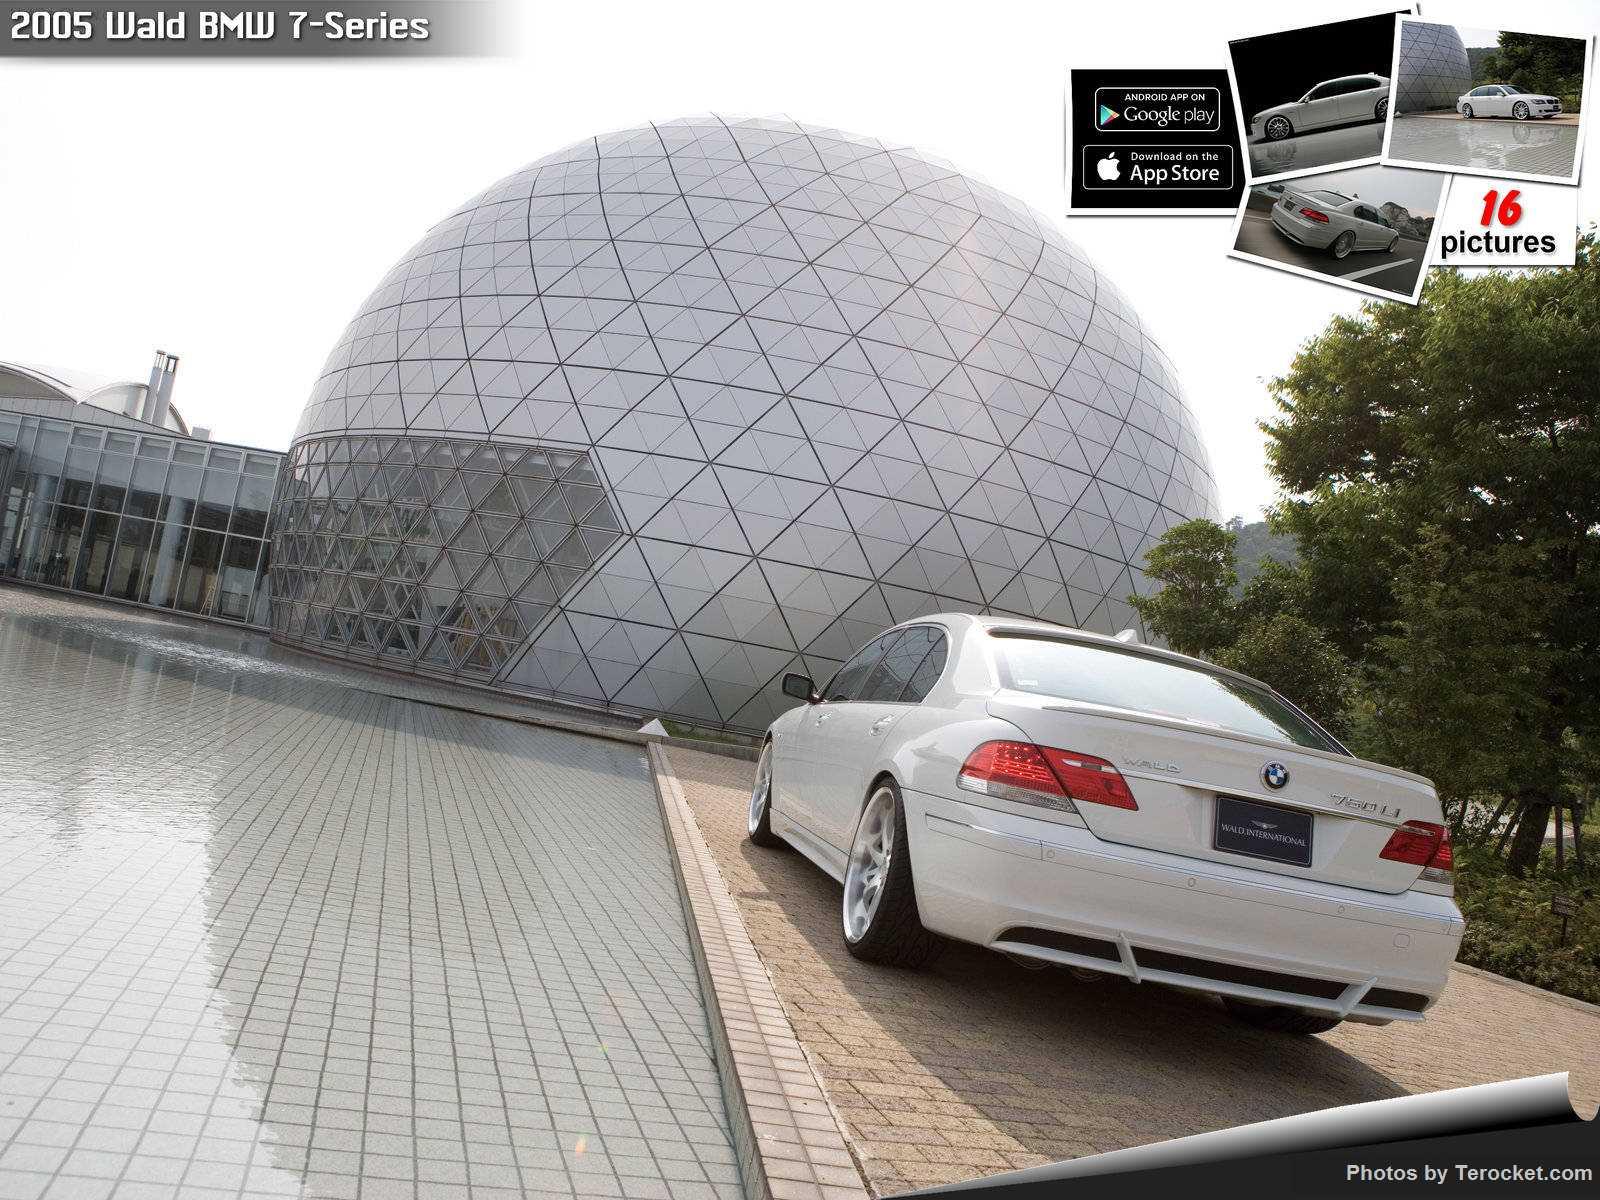 Hình ảnh xe độ Wald BMW 7-Series 2005 & nội ngoại thất